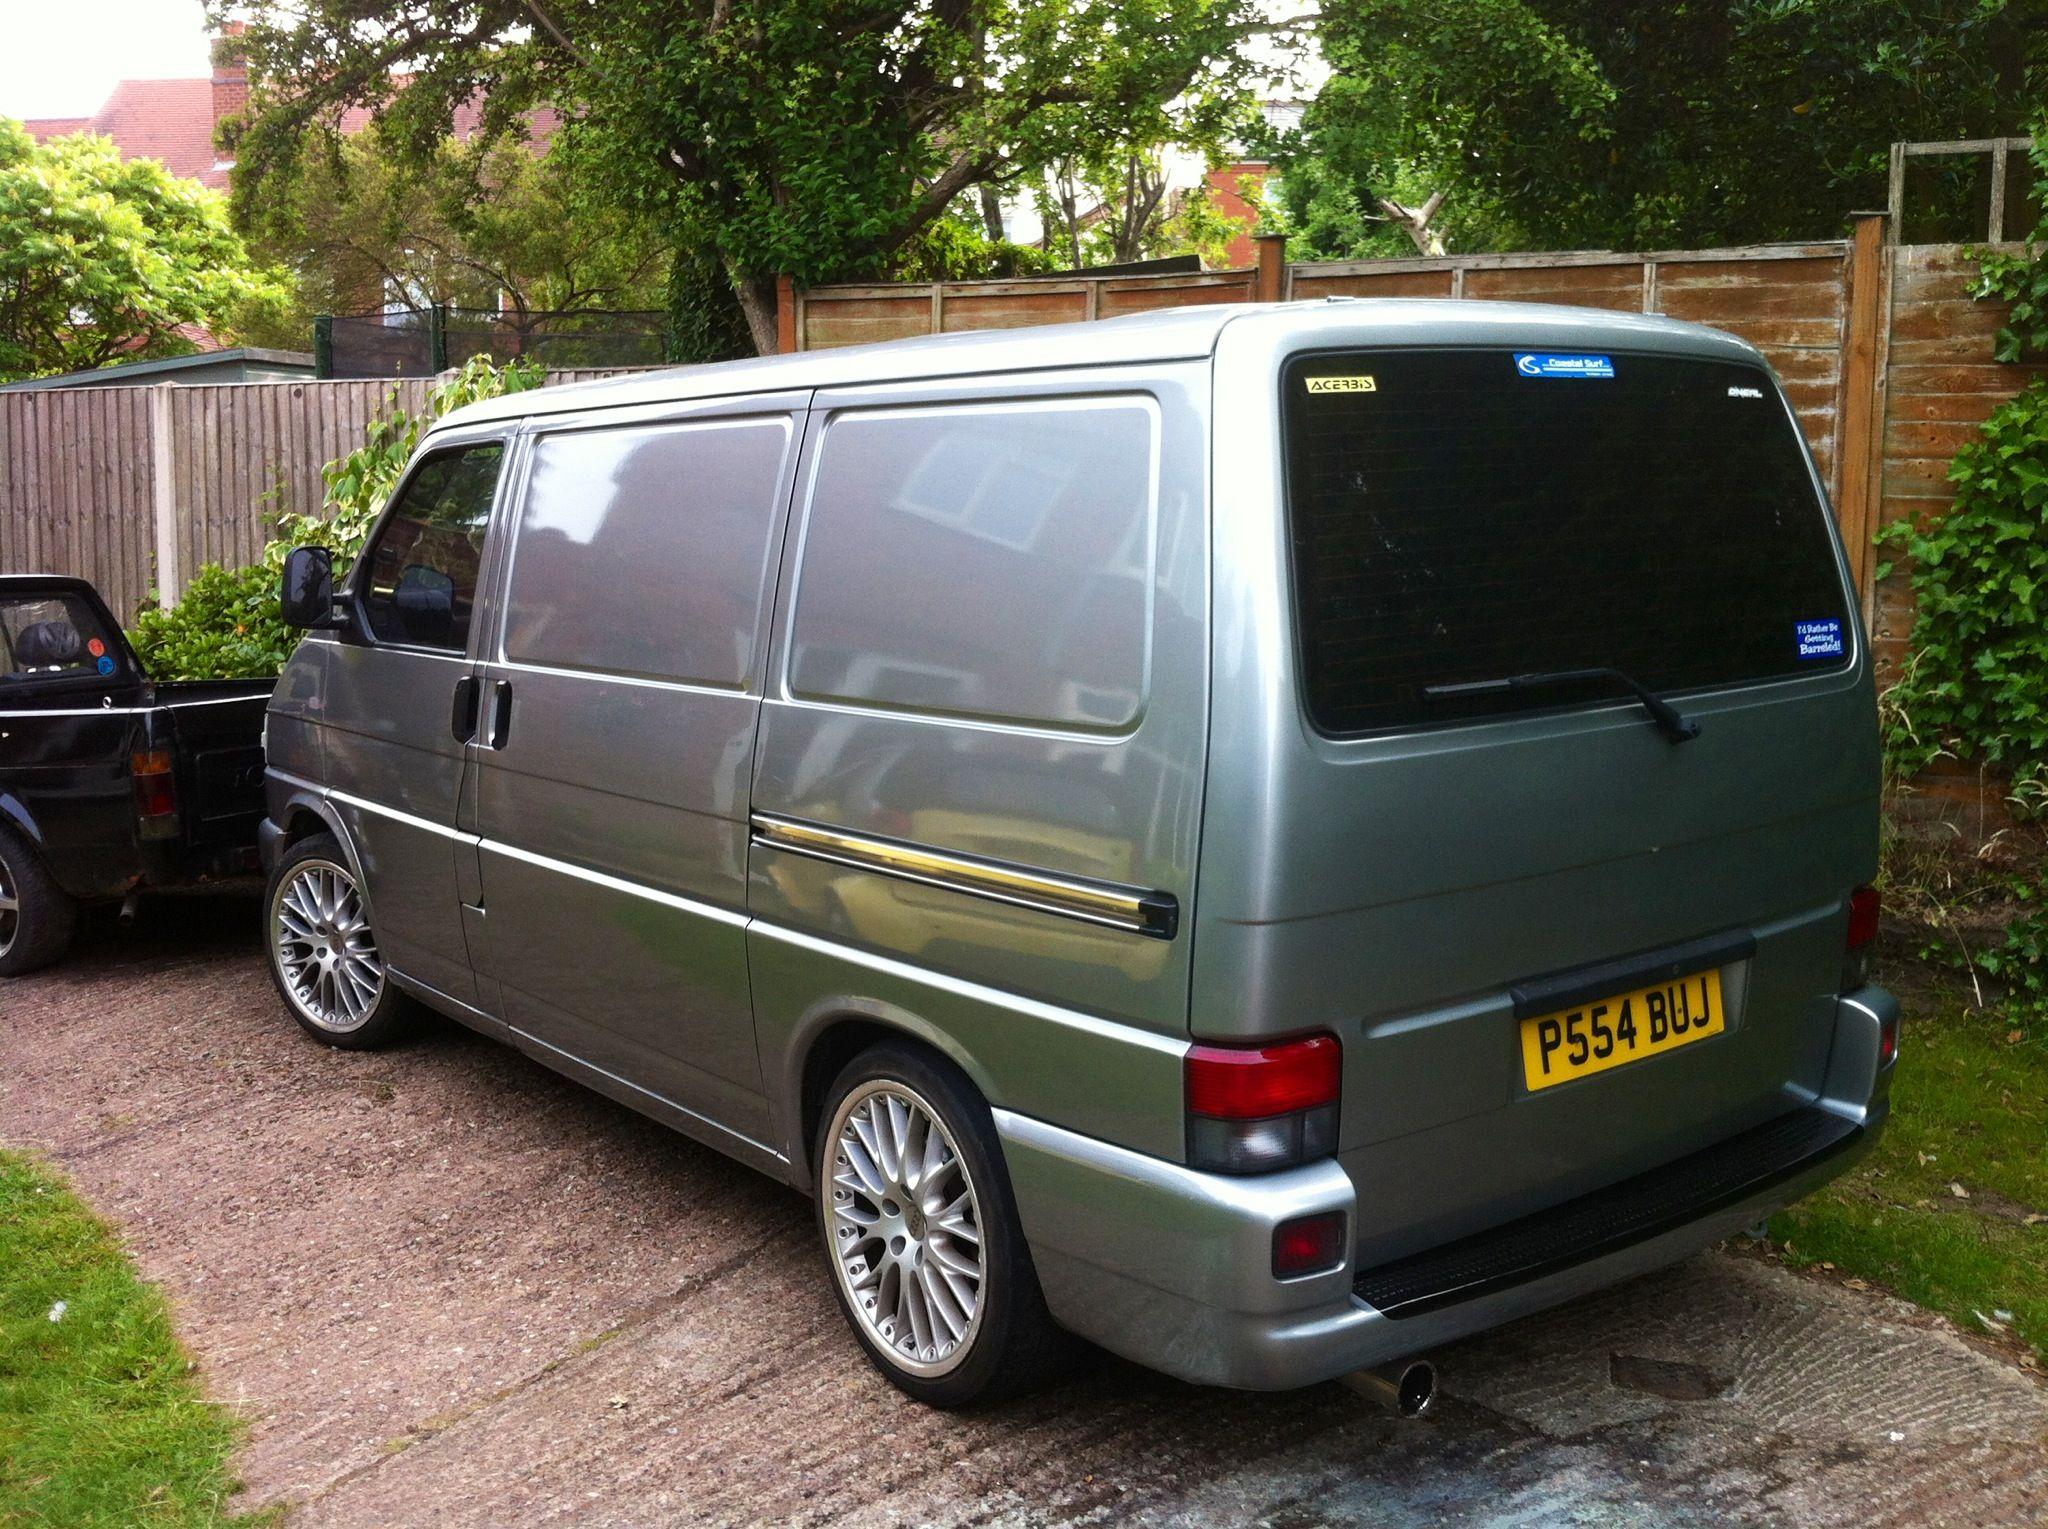 potential colour option the van vw transporter van vw. Black Bedroom Furniture Sets. Home Design Ideas